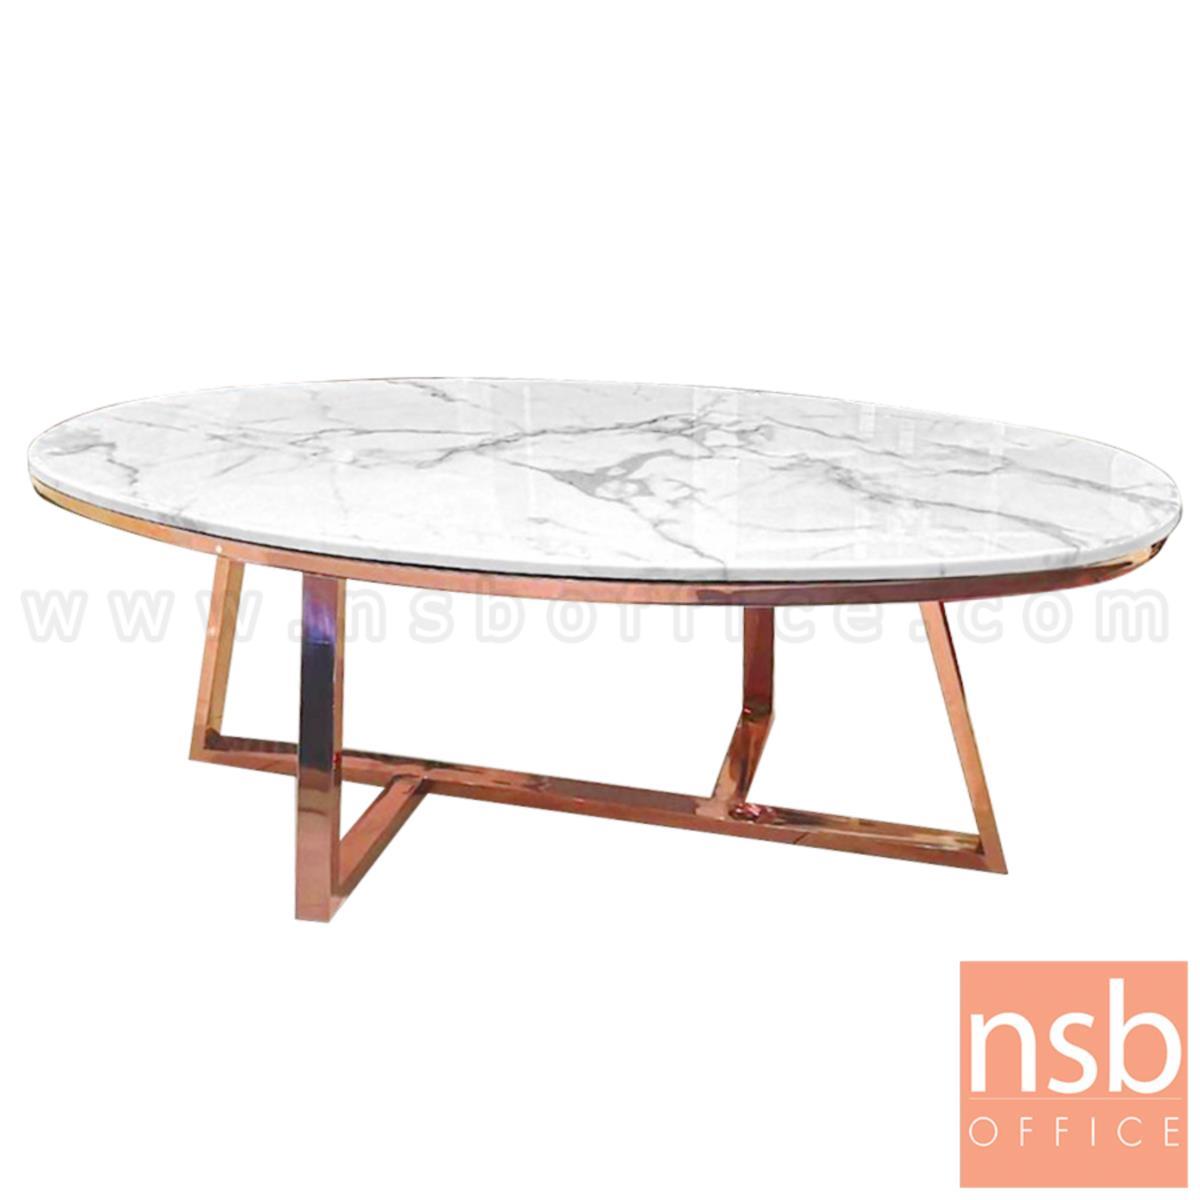 B13A283:โต๊ะกลางหินอ่อน รุ่น Malibu (มาลิบู)  ขาสีพิ้งค์โกลด์